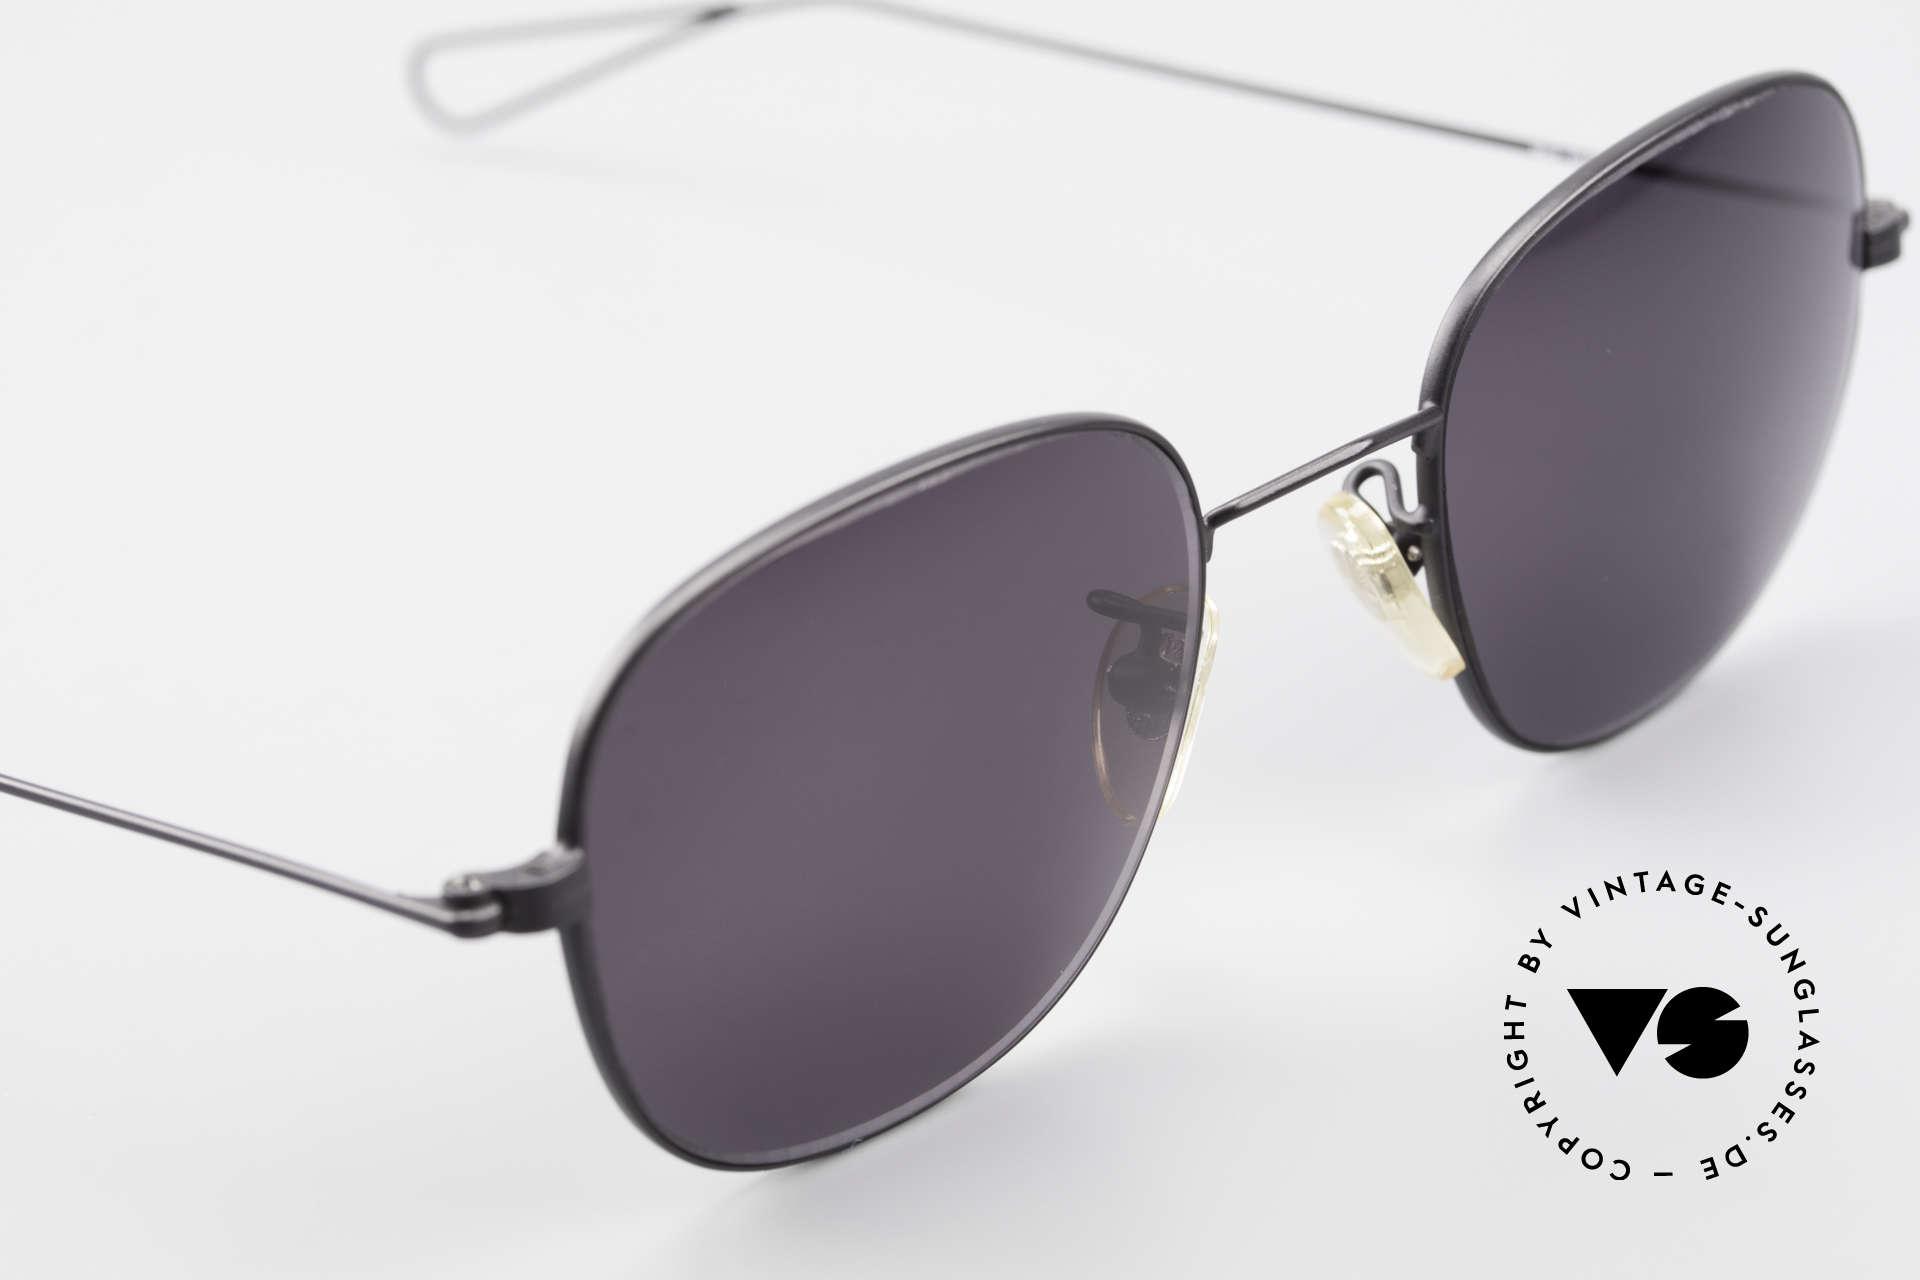 Cutler And Gross 0307 Alte Vintage Sonnenbrille 90er, ungetragen; Modell ist auch beliebig optisch verglasbar, Passend für Herren und Damen